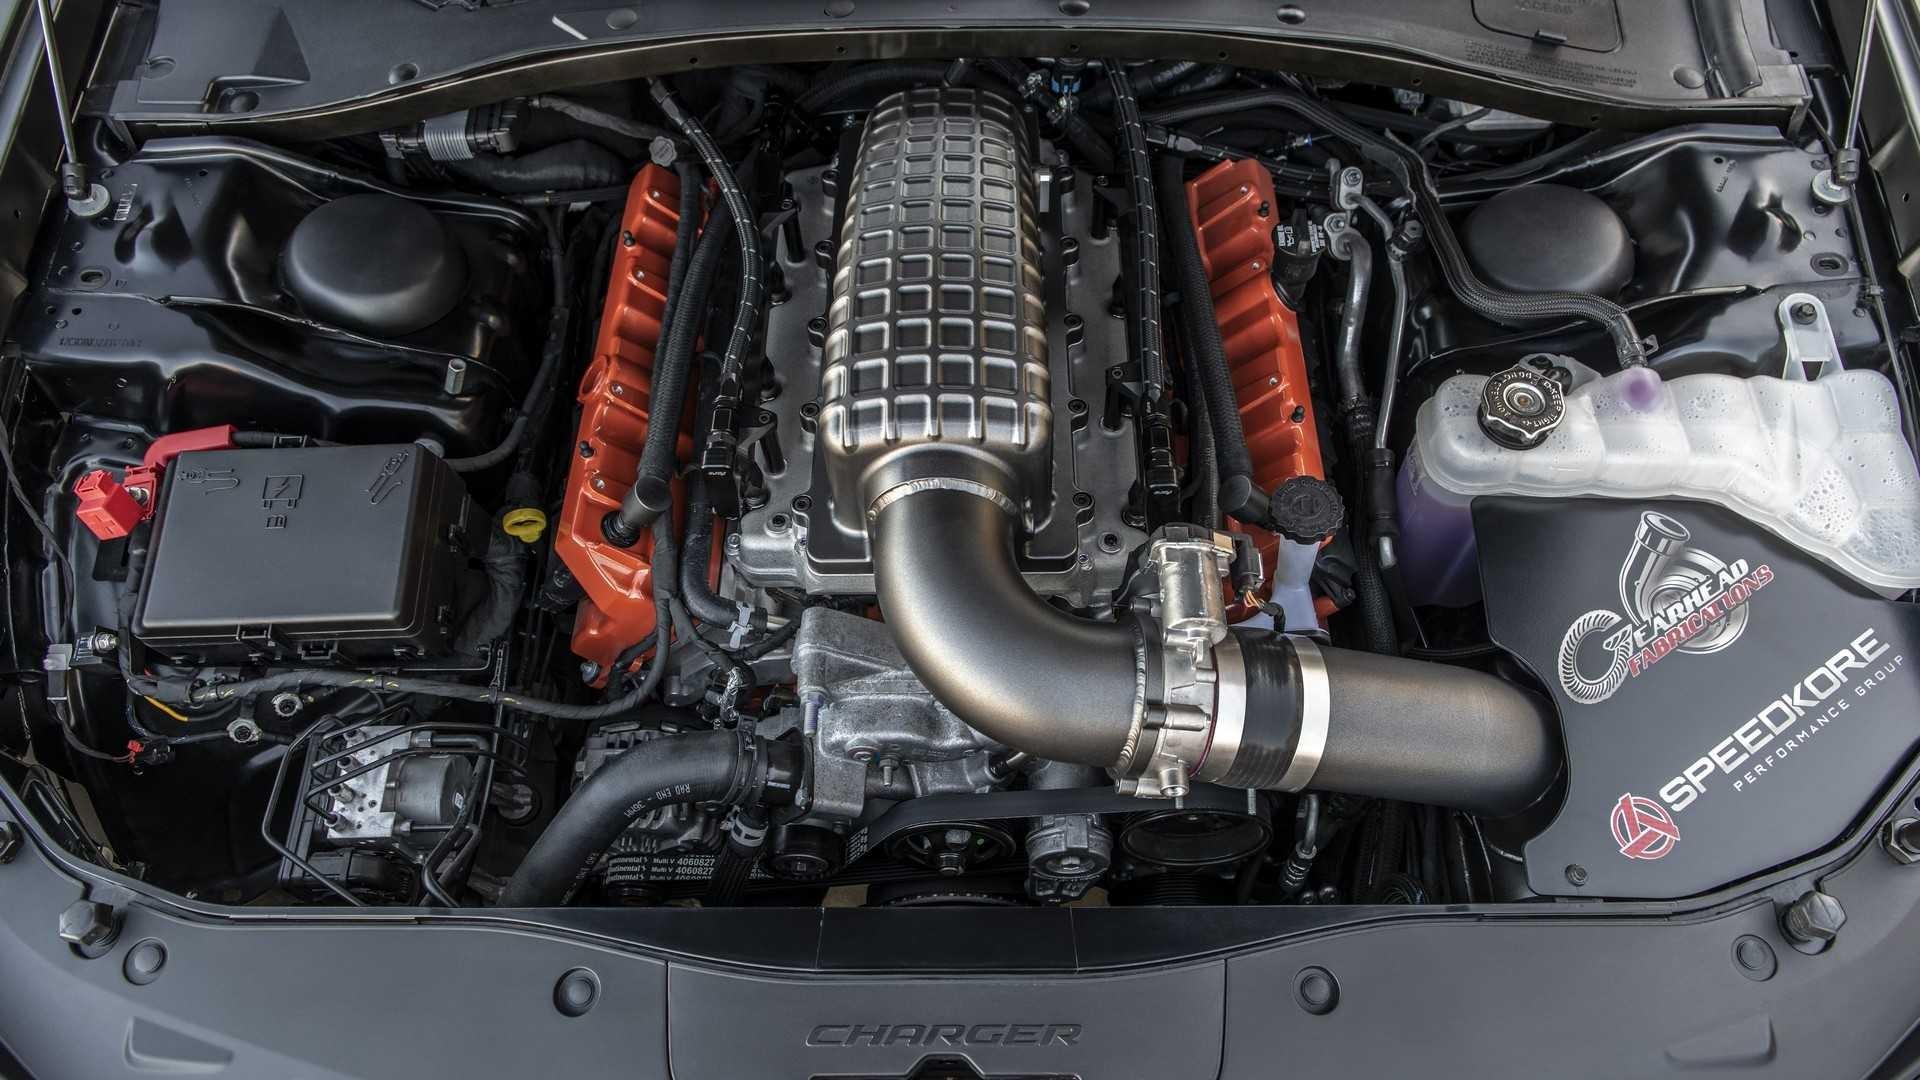 Вот это по-братски: полноприводный Dodge Charger SpeedKore с 1546-сильным мотором